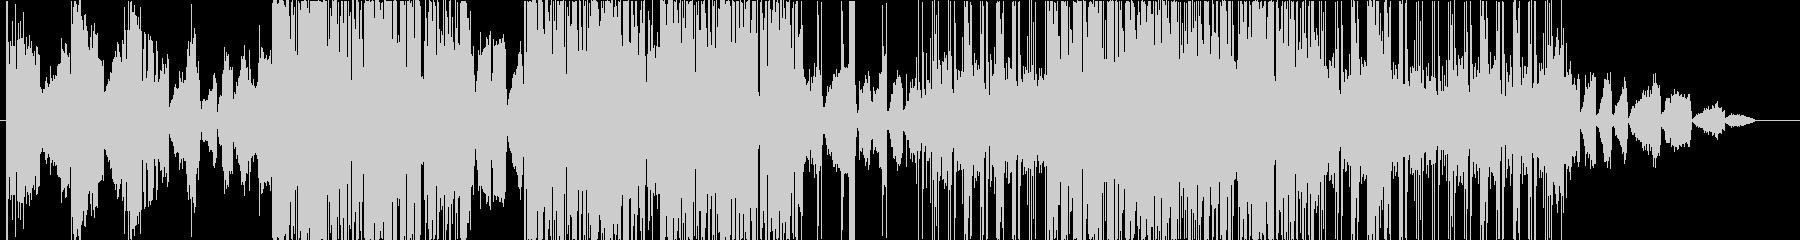 ディープな都会系サウンドのHIPHOPの未再生の波形